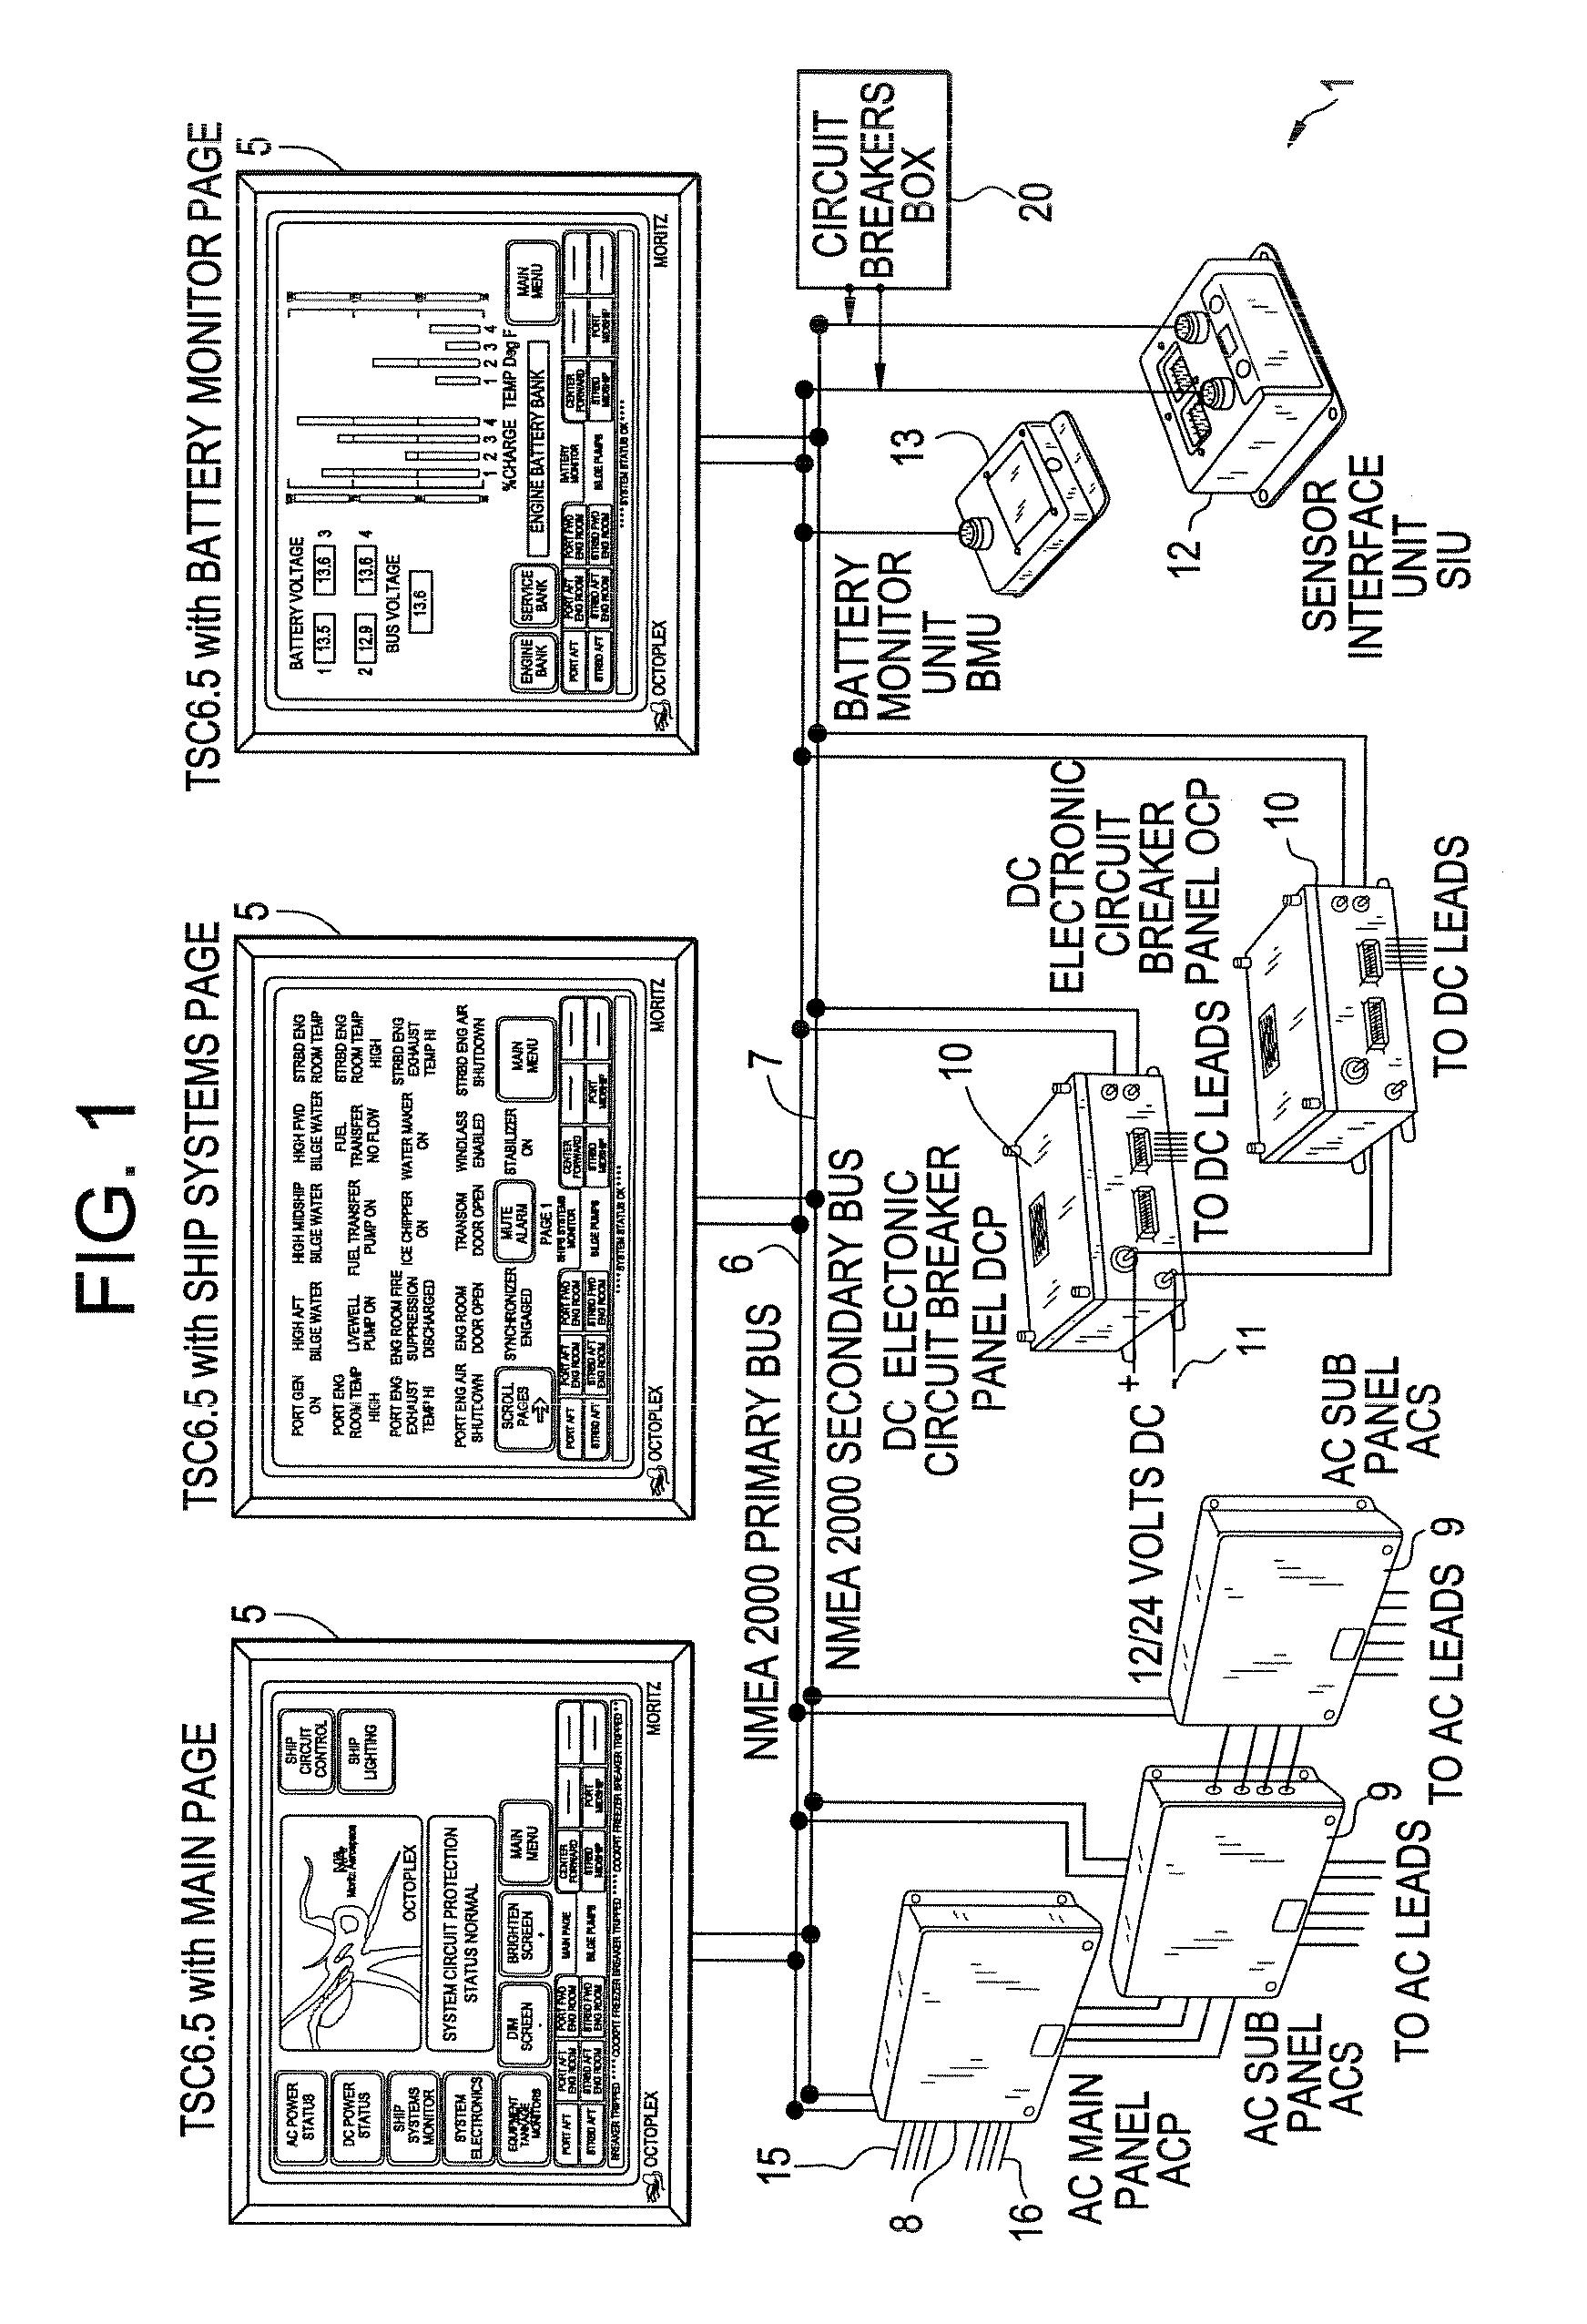 patent us20070103835